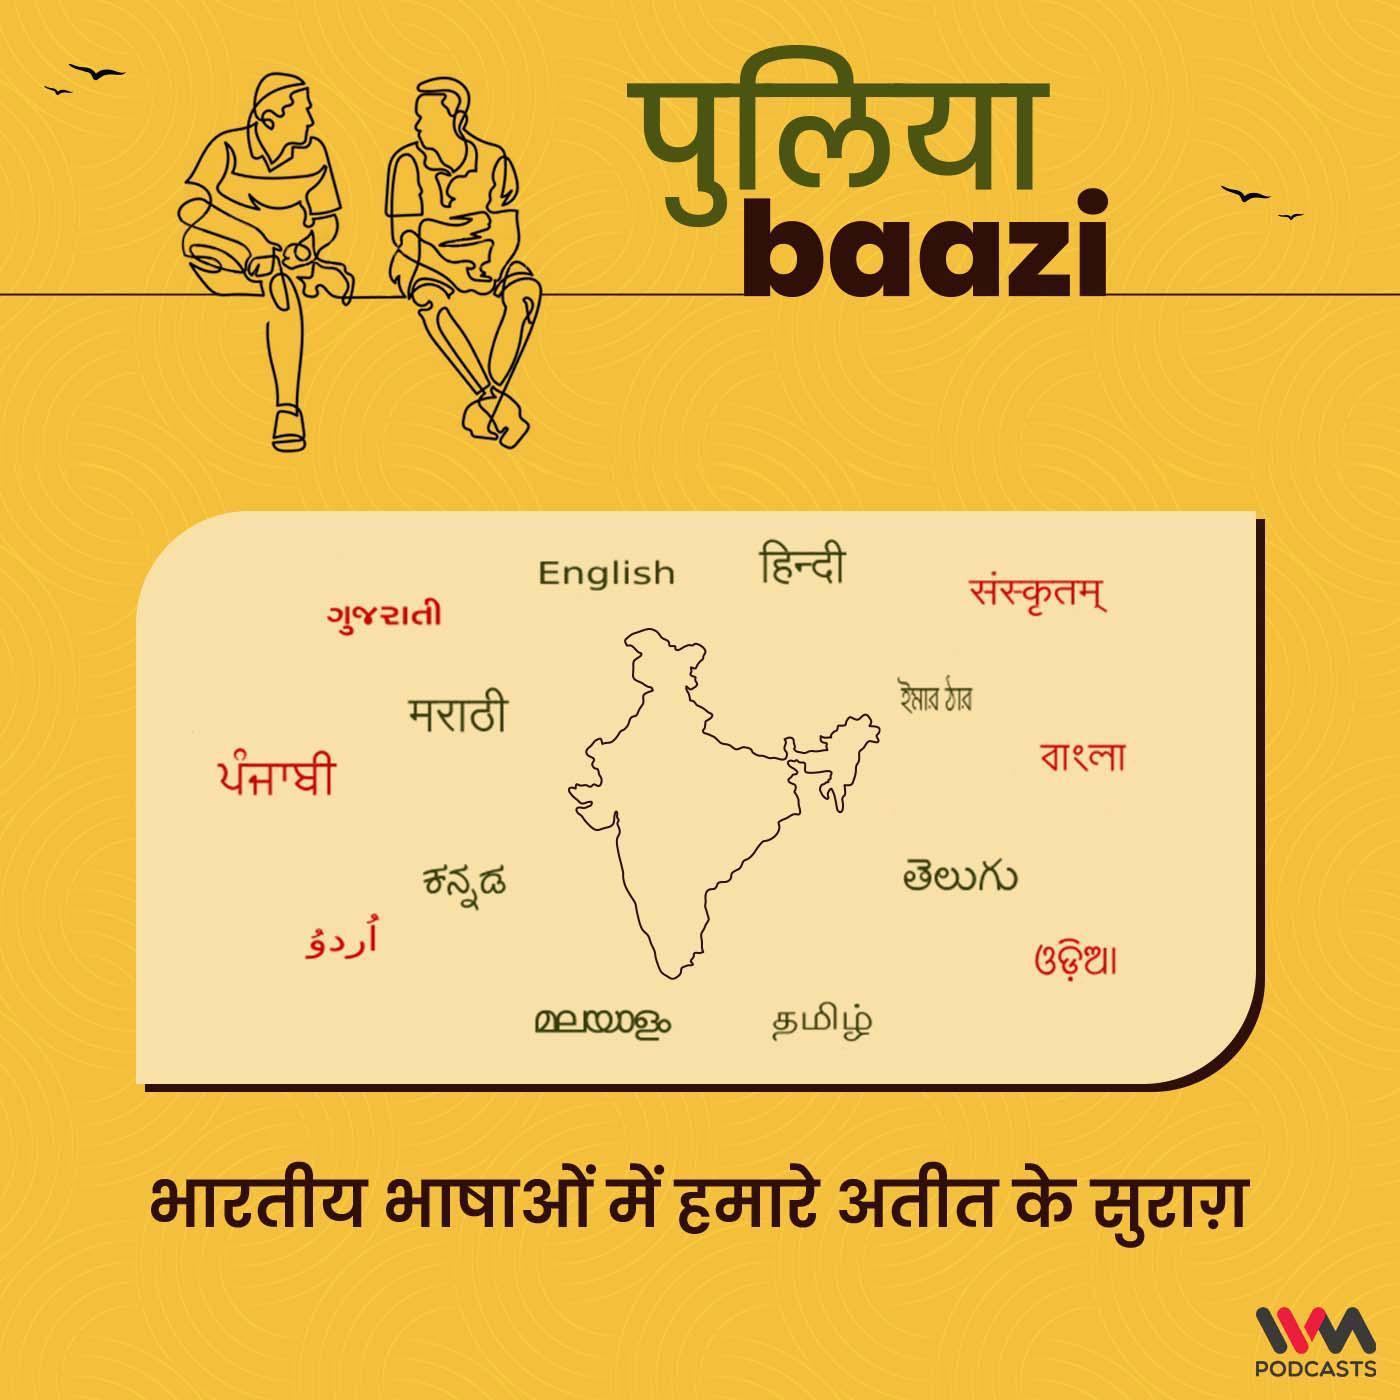 भारतीय भाषाओँ में हमारे अतीत के सुराग़. Clues to our past in Indian languages.